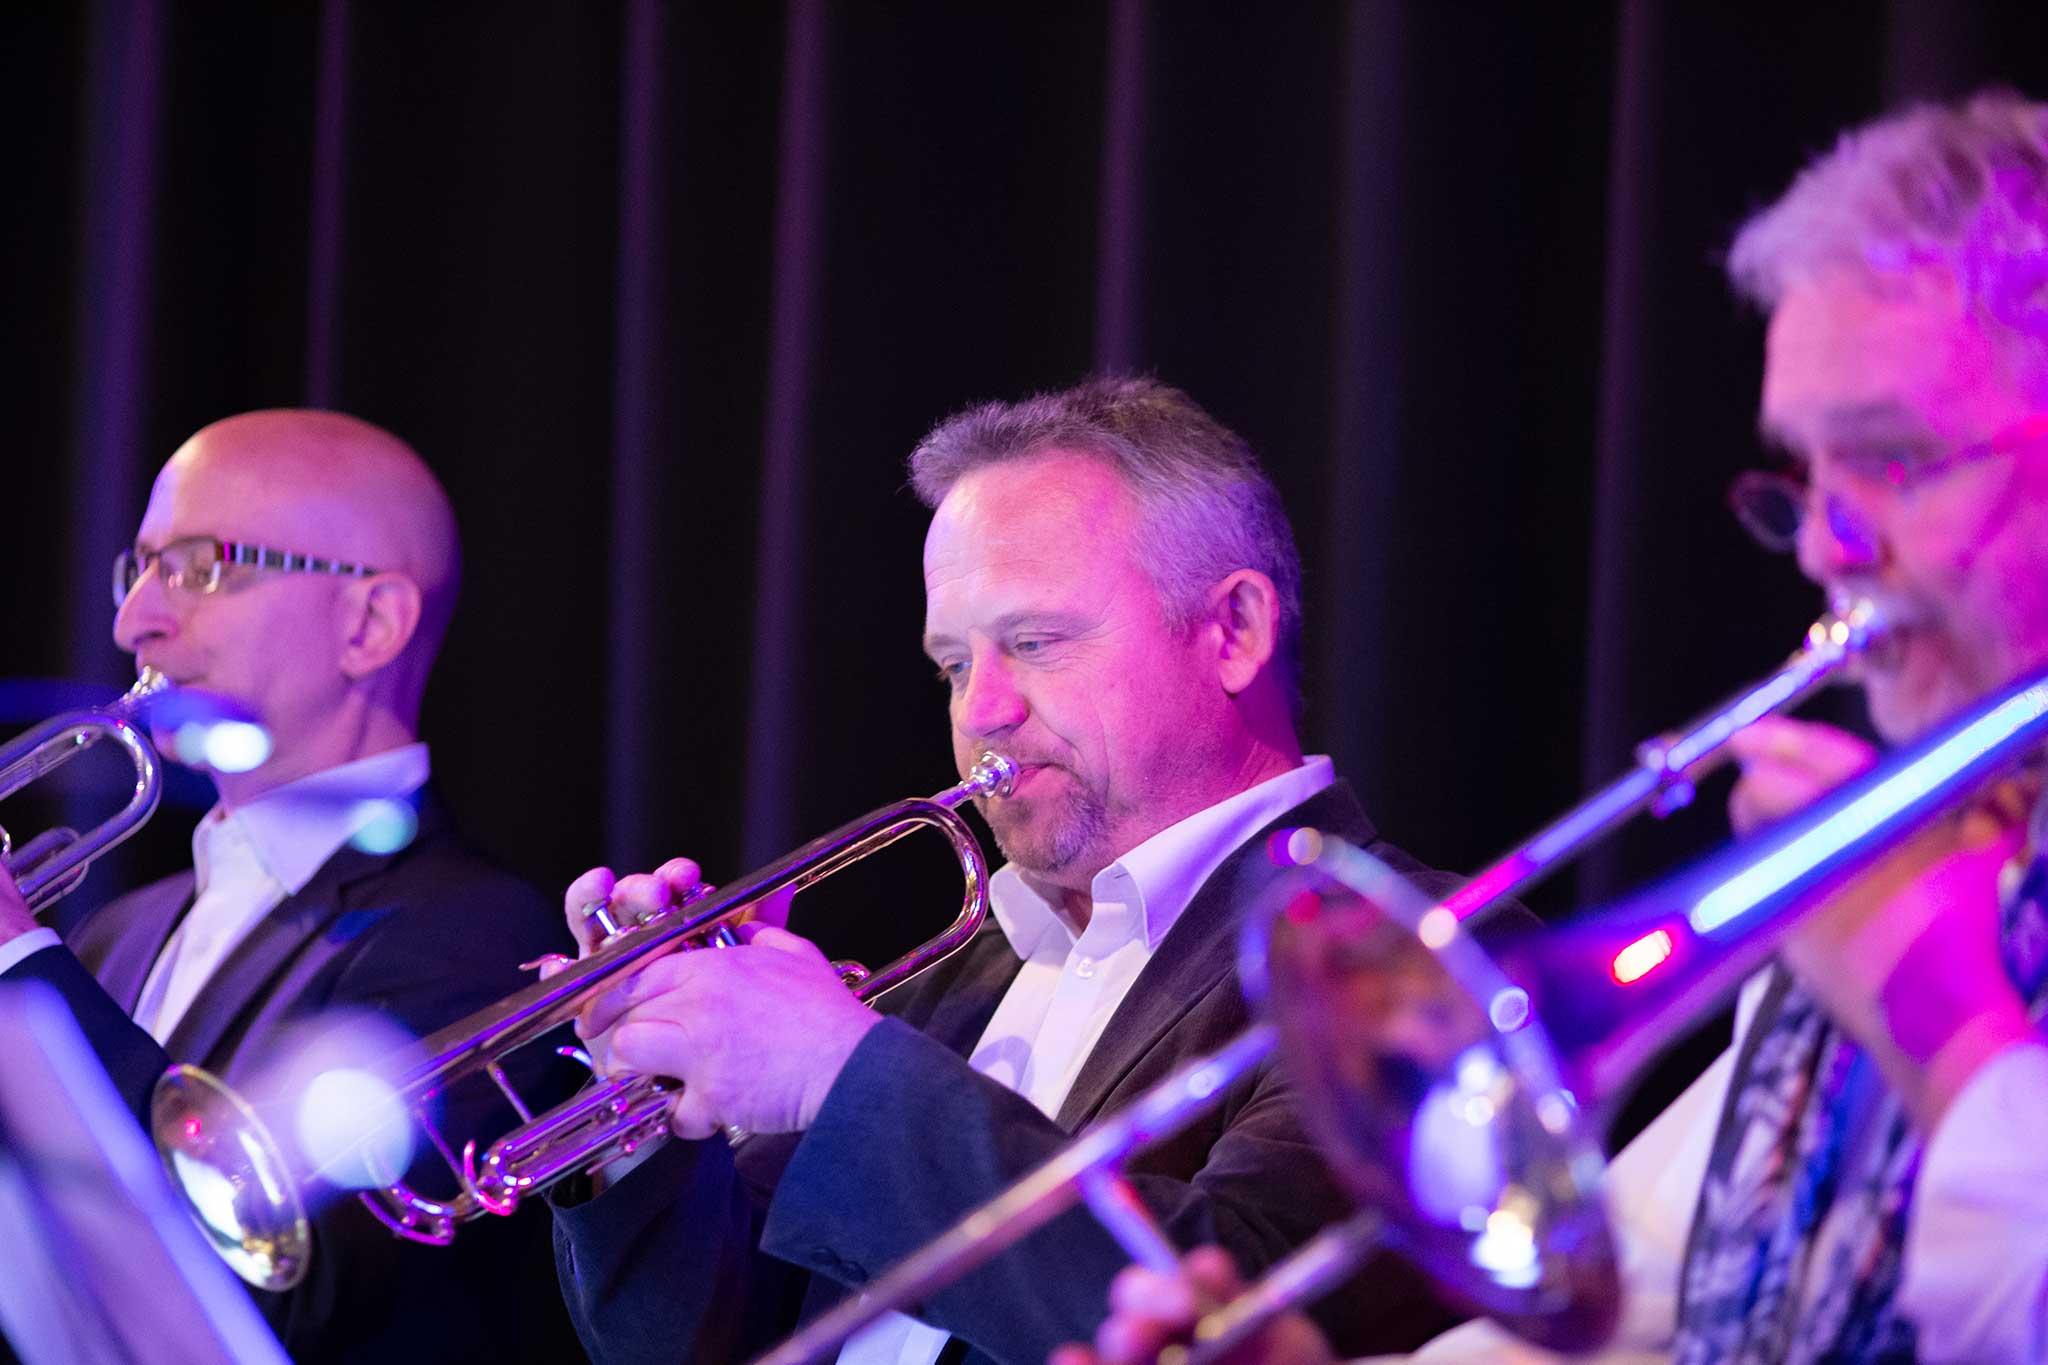 Jochen Maier, Trumpet